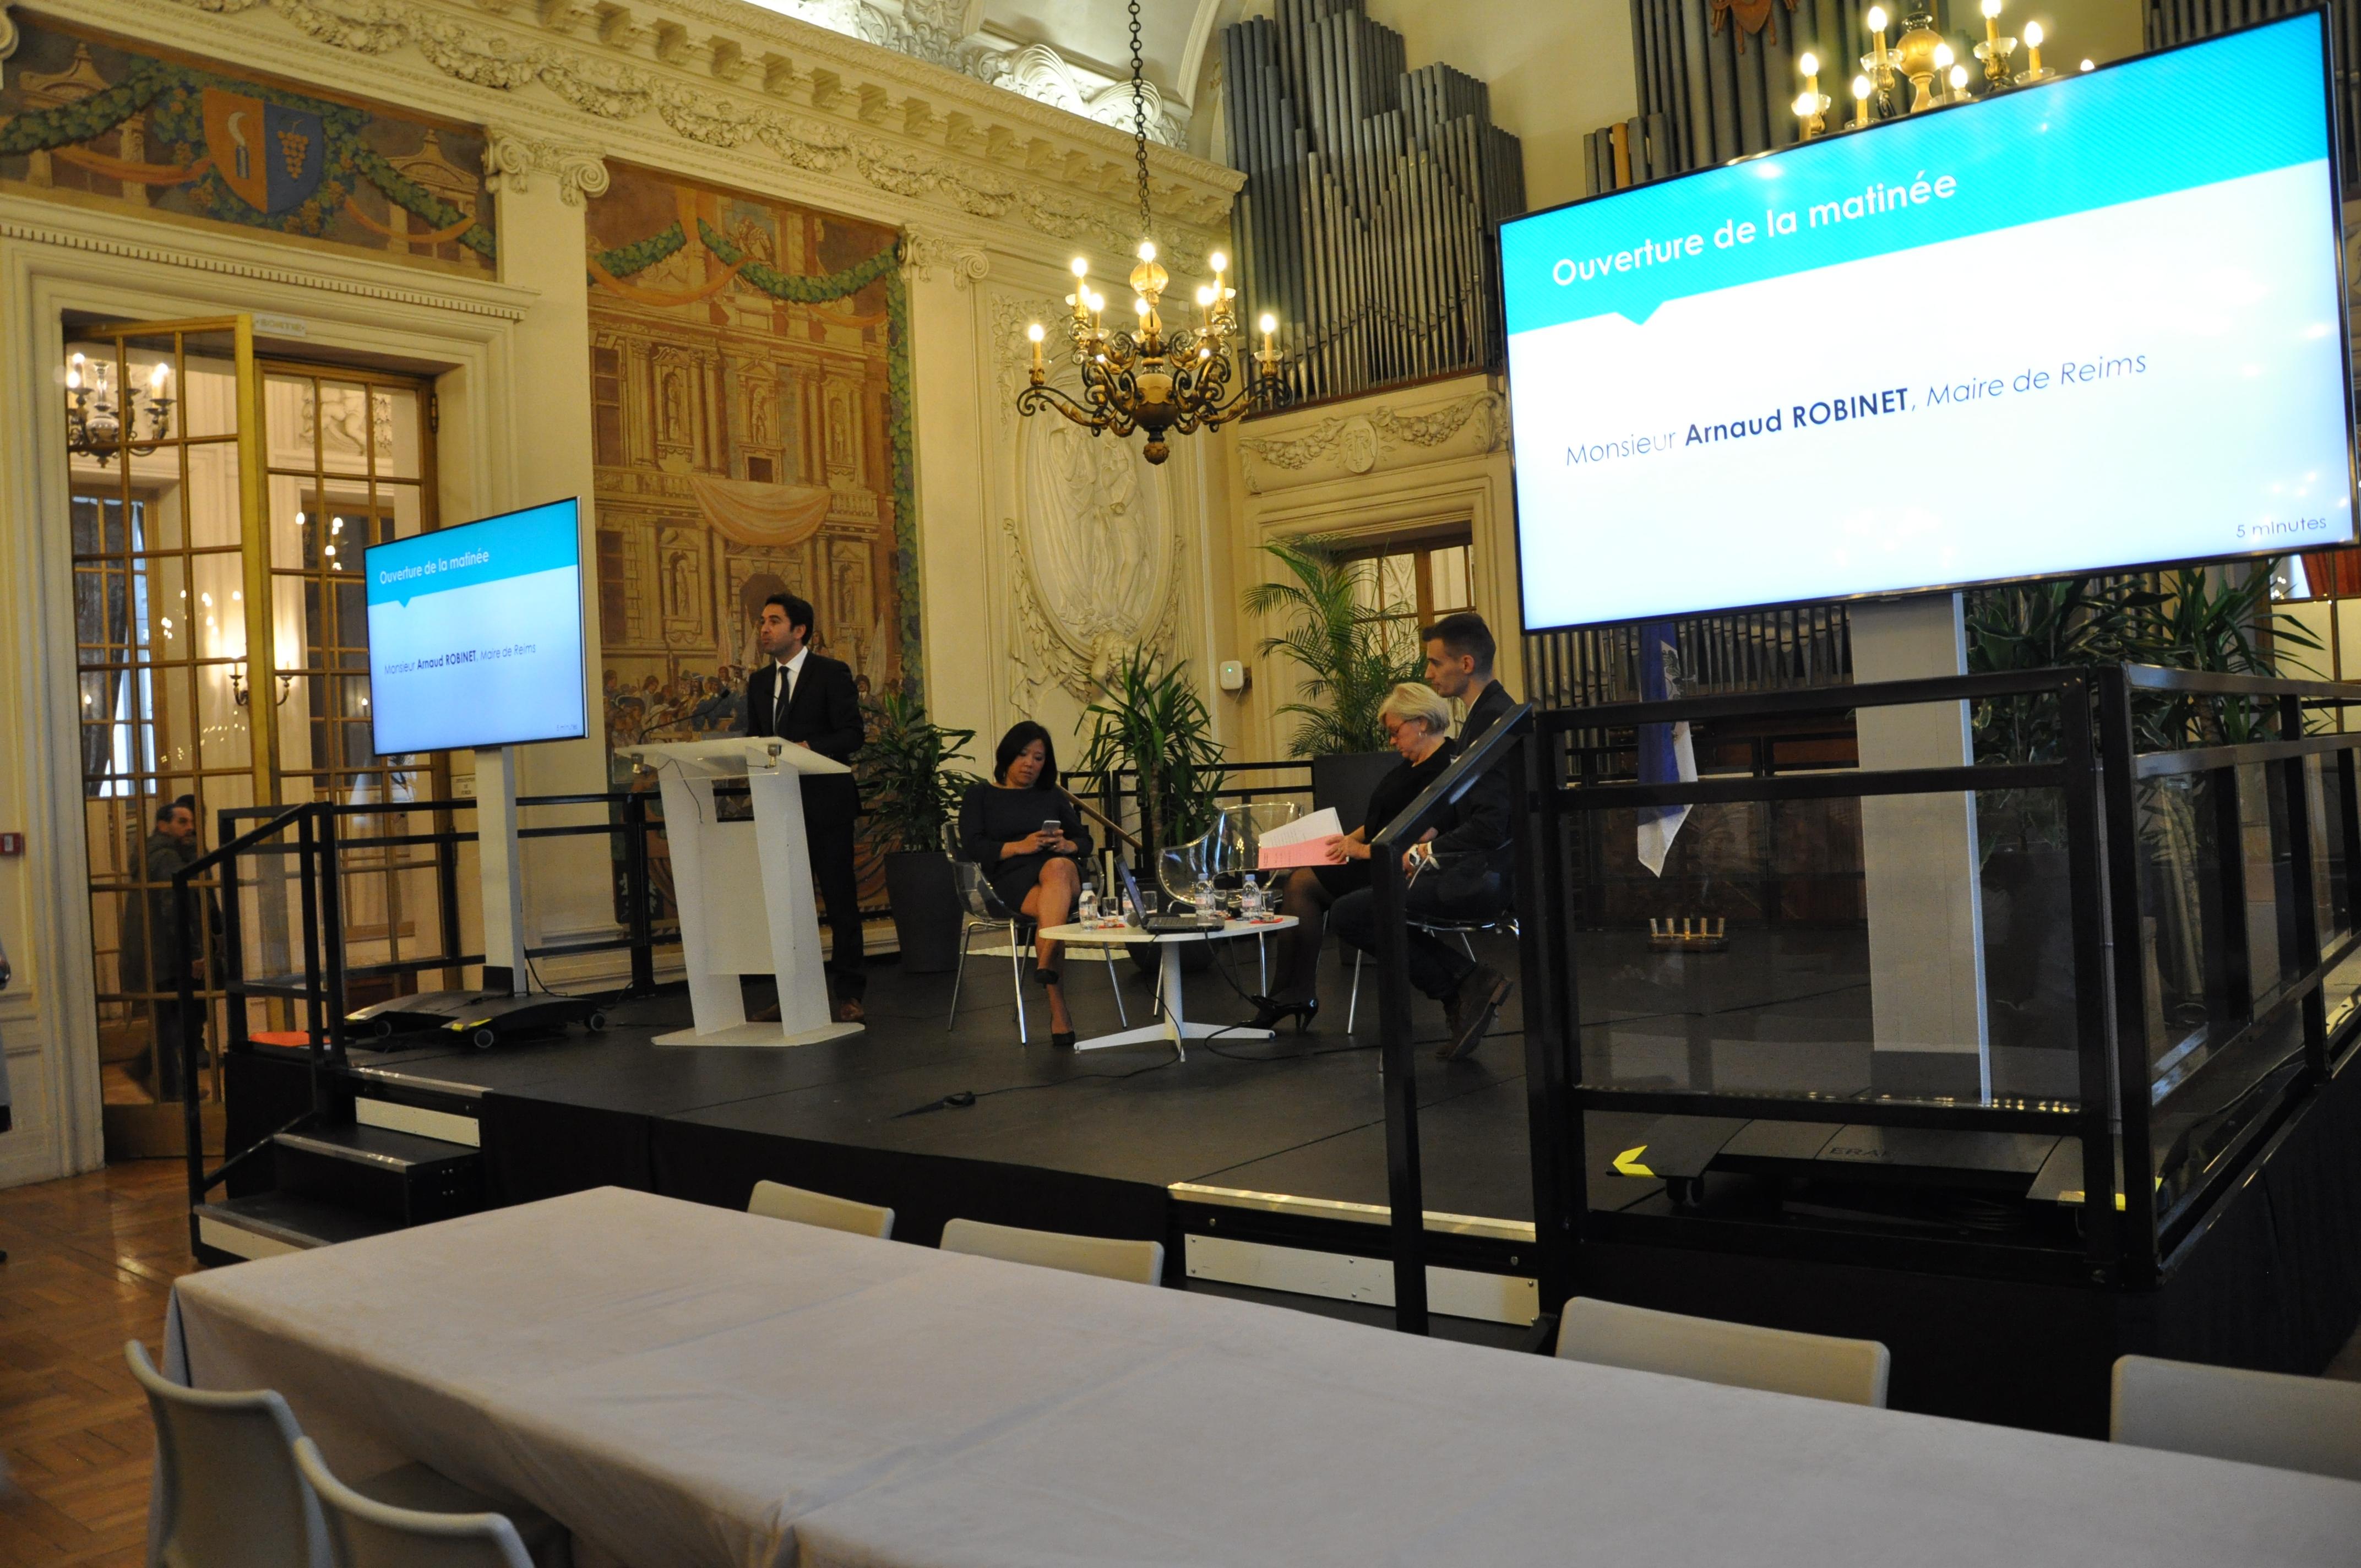 Ouverture de la matinée par Arnaud ROBINET, maire de Reims